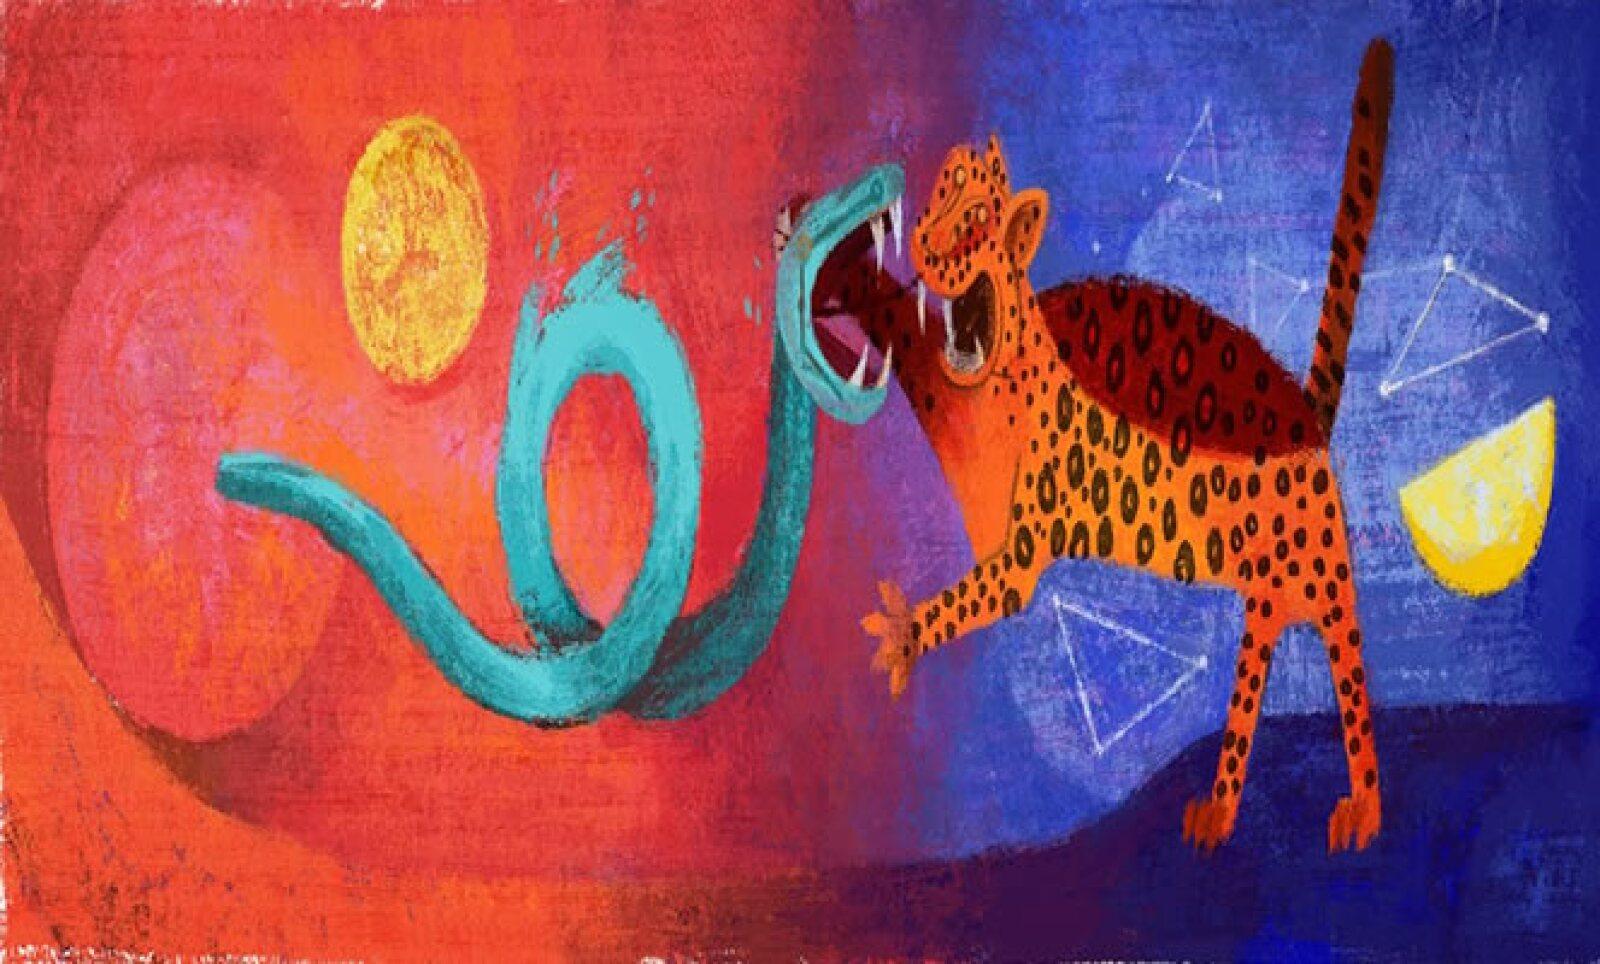 El muralista mexicano hizo su aparición en un 'doodle' el 26 de agosto de 2013.